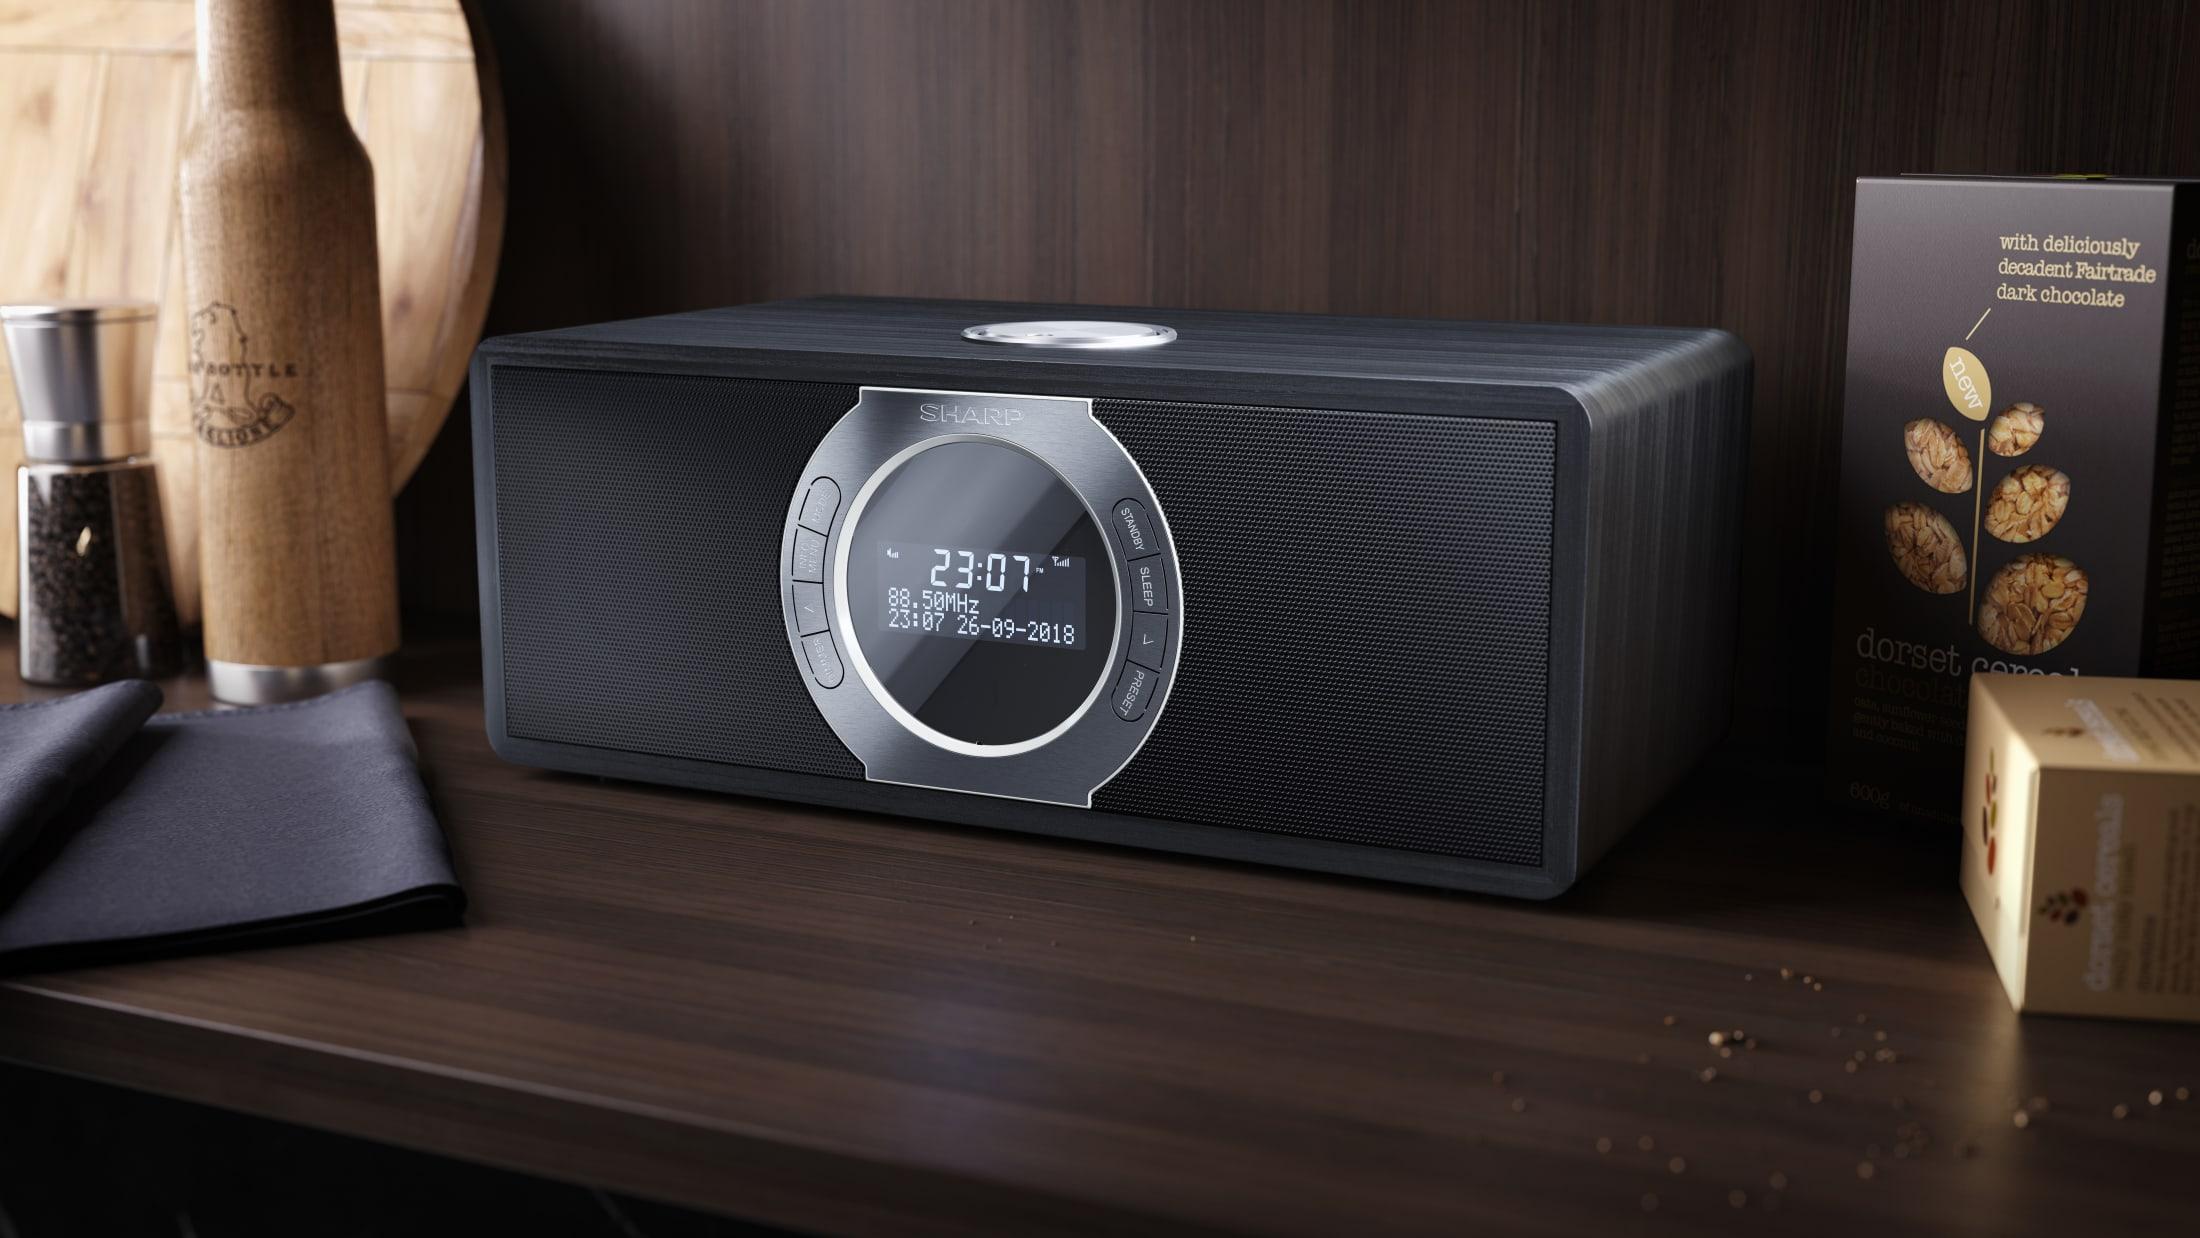 Stereo-Digitalradio DAB/DAB+/FM mit RDS, 30 W, Bluetooth 4.2 und 60 gespeicherten Sendern.